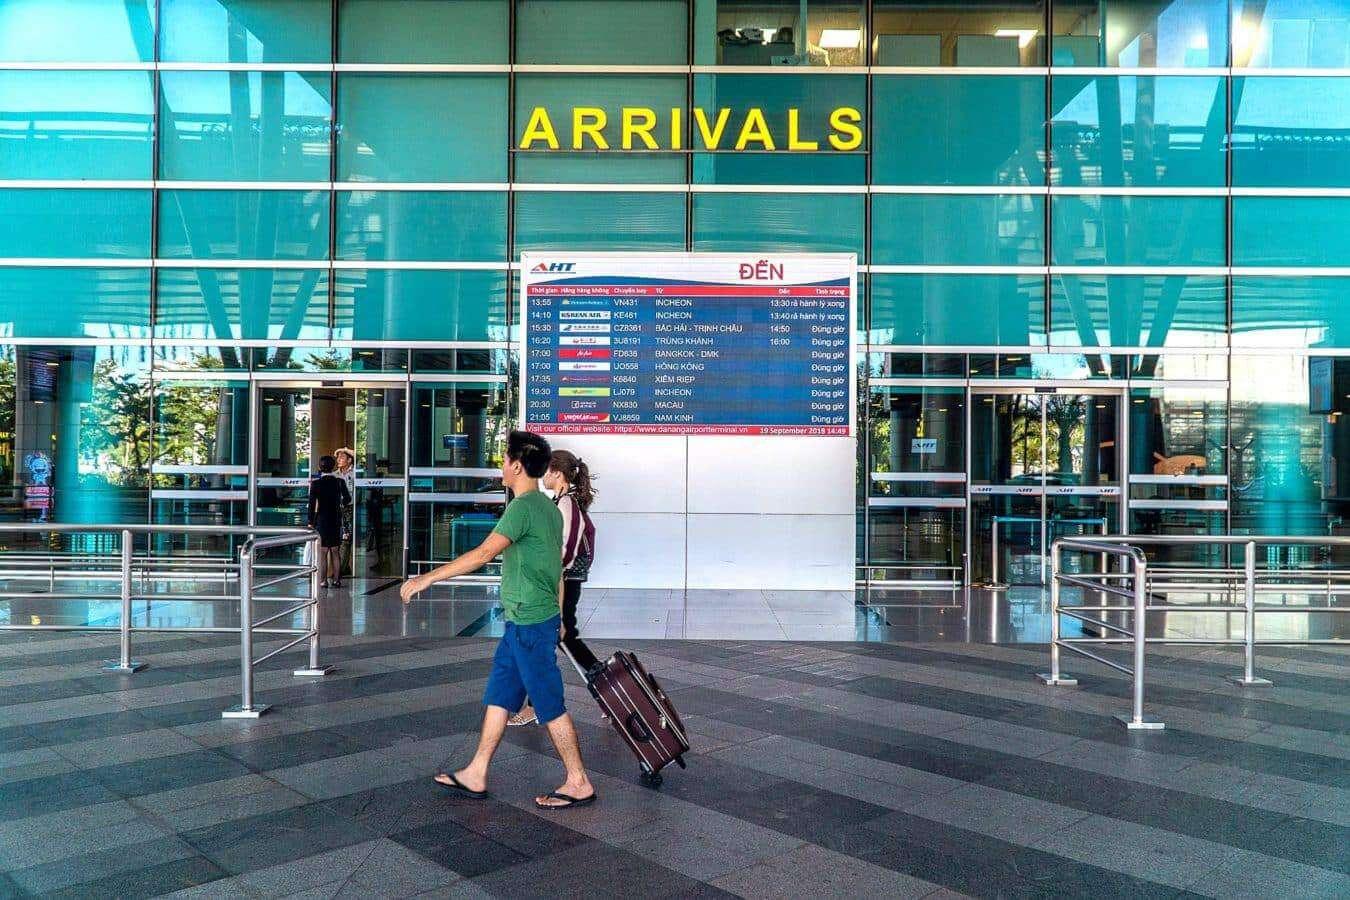 Da Nang Airport arrivals - Da Nang to Hoi An